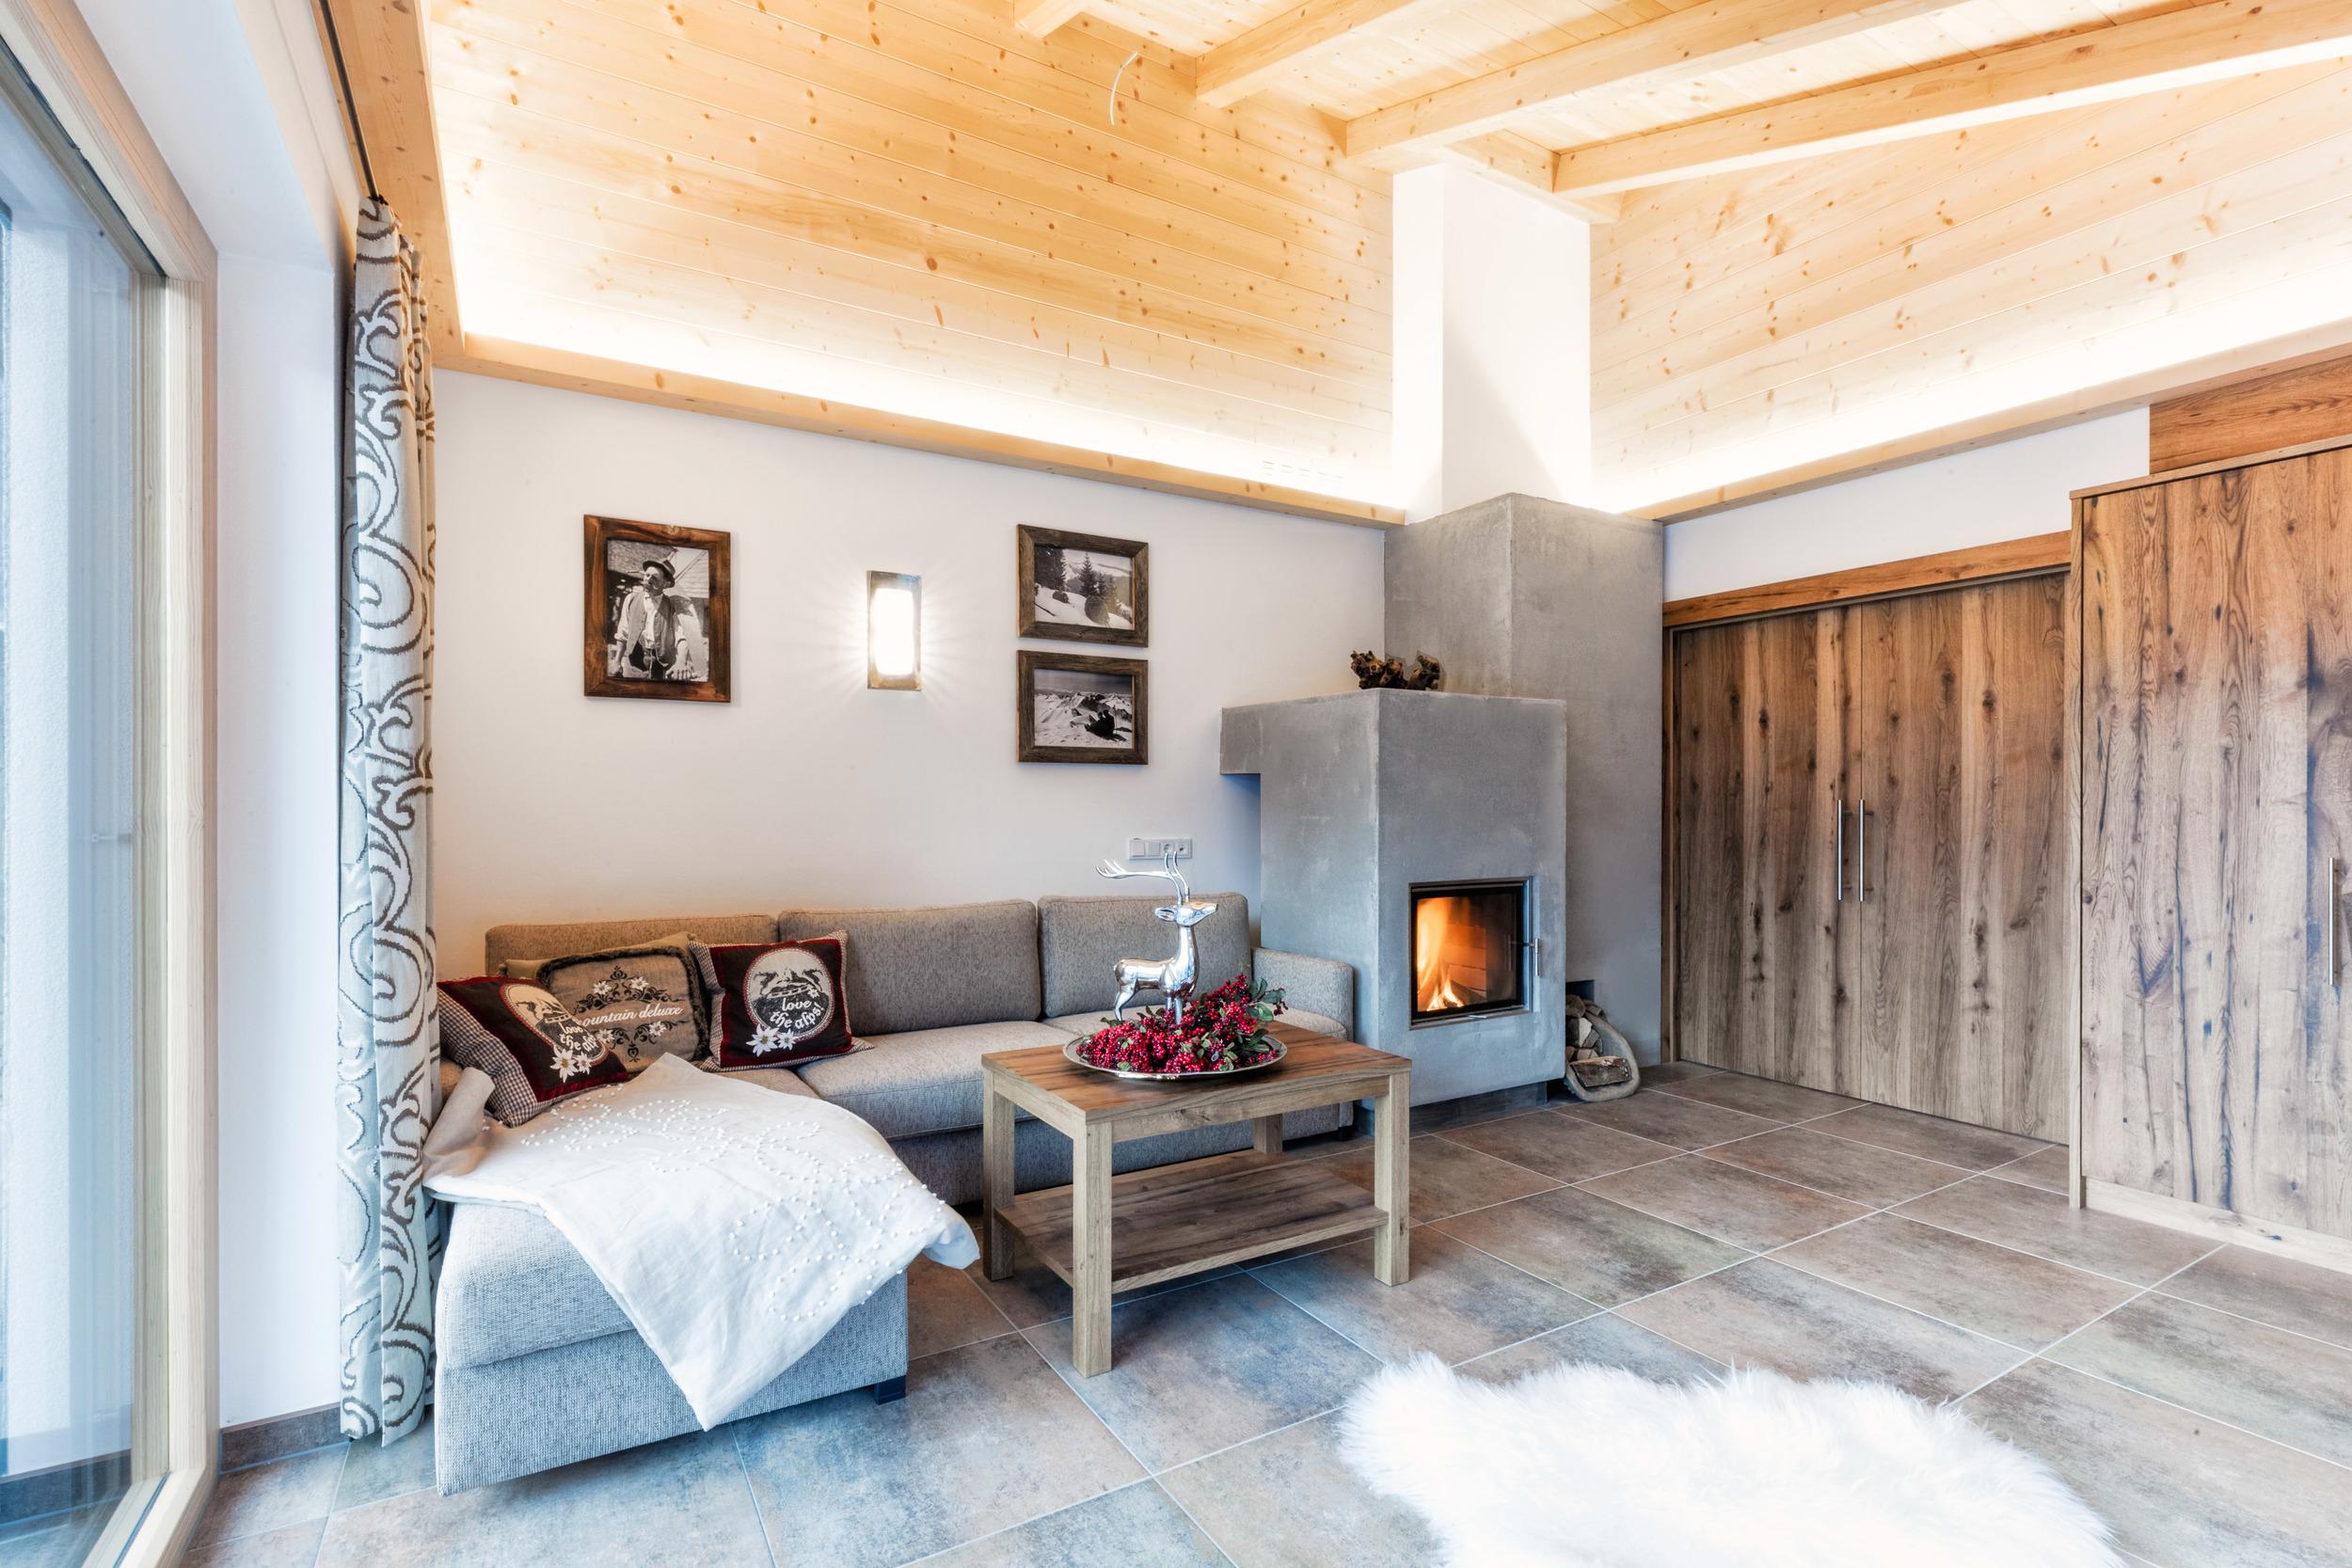 appartement-suites-liana-sophie-neukirchen-ferienwohnung-xxl-wohnung